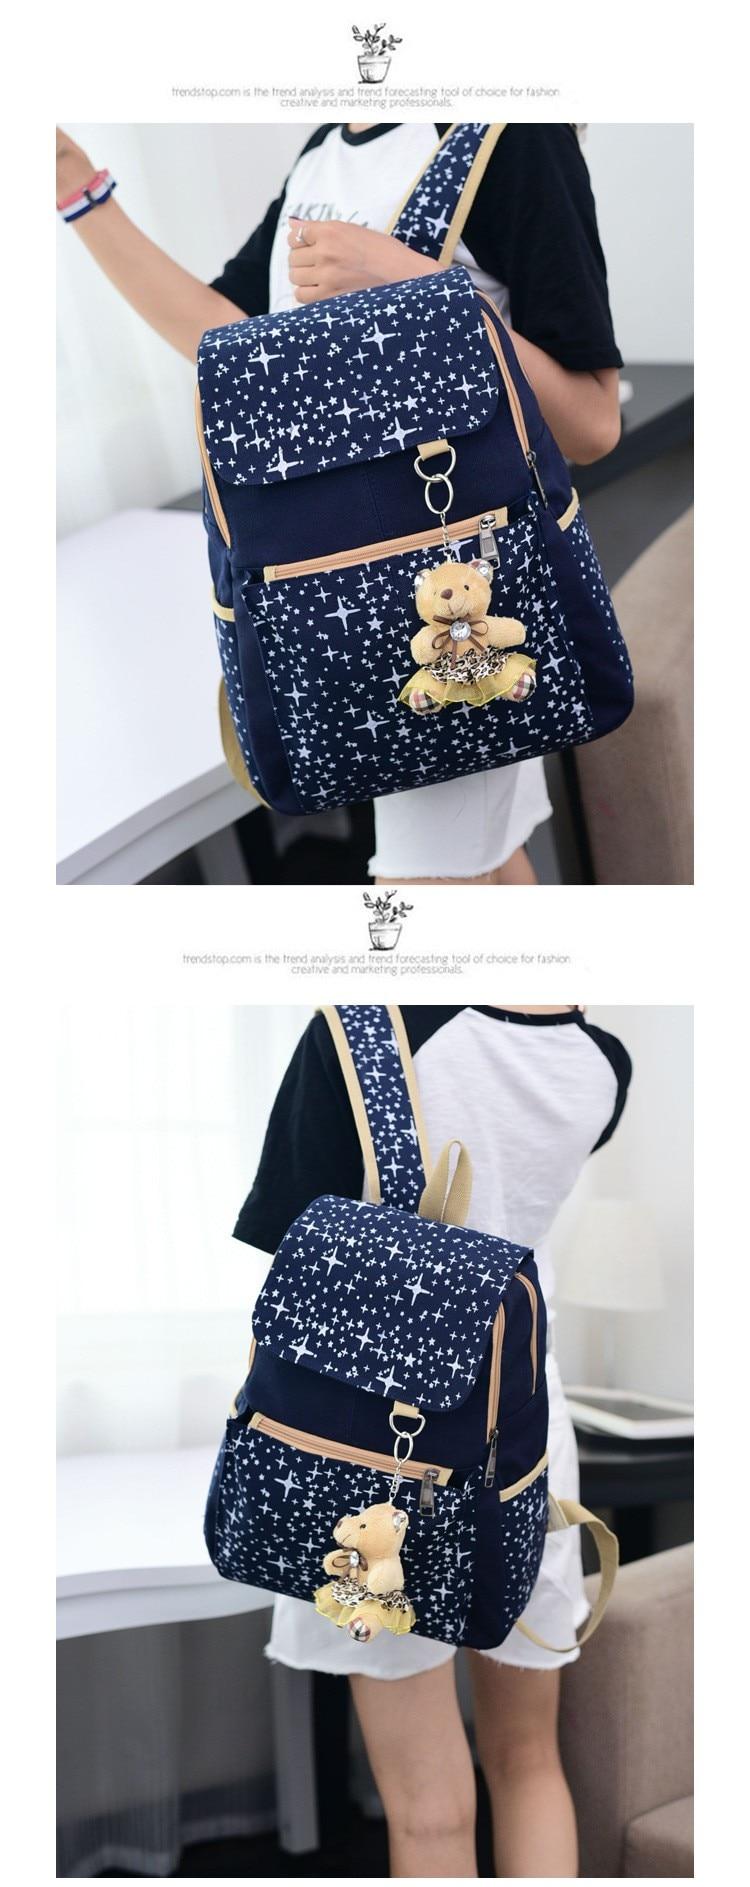 meninas crianças mochilas escolares sacos de viagem